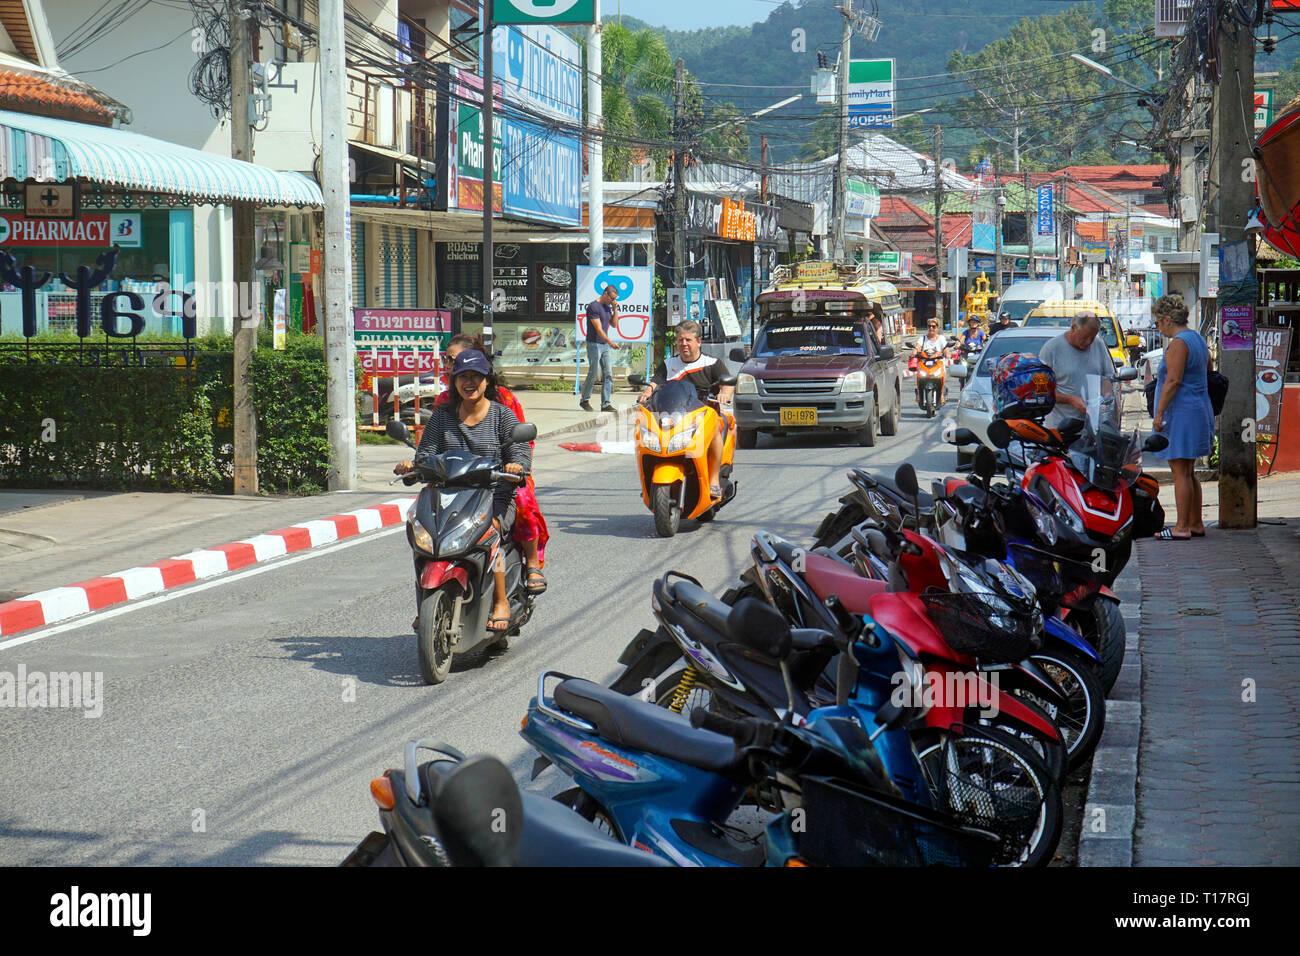 Motor scooter y compartir taxi 'Songthaew' en Lamai Beach, Koh Samui, Surat Thani, en el Golfo de Tailandia, Tailandia Imagen De Stock